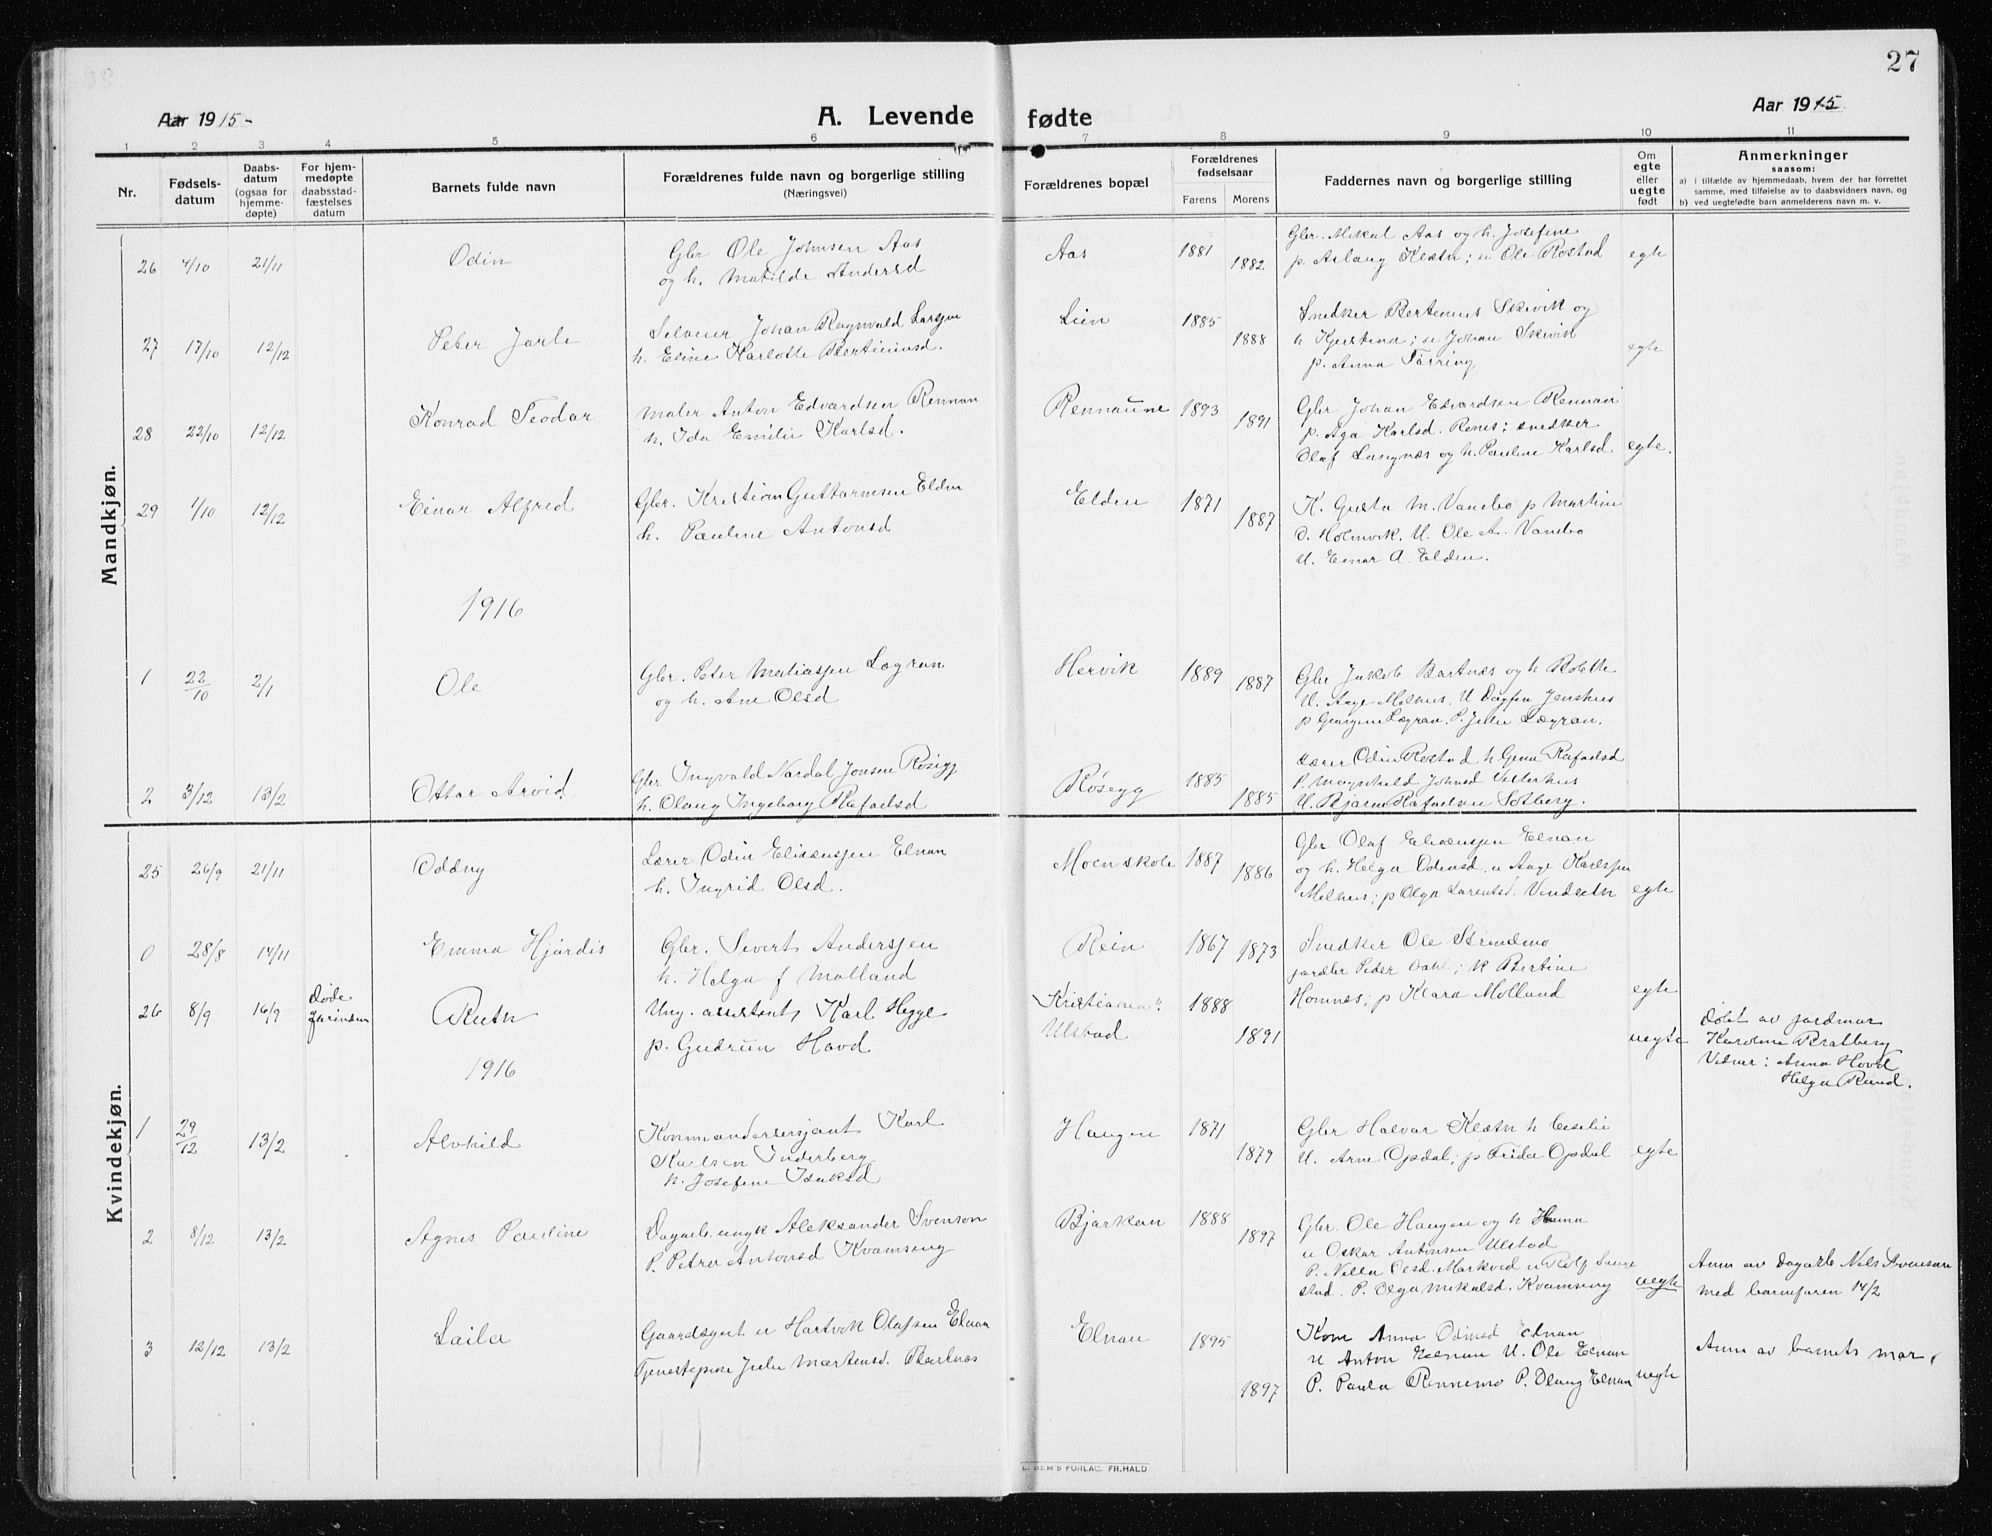 SAT, Ministerialprotokoller, klokkerbøker og fødselsregistre - Nord-Trøndelag, 741/L0402: Klokkerbok nr. 741C03, 1911-1926, s. 27